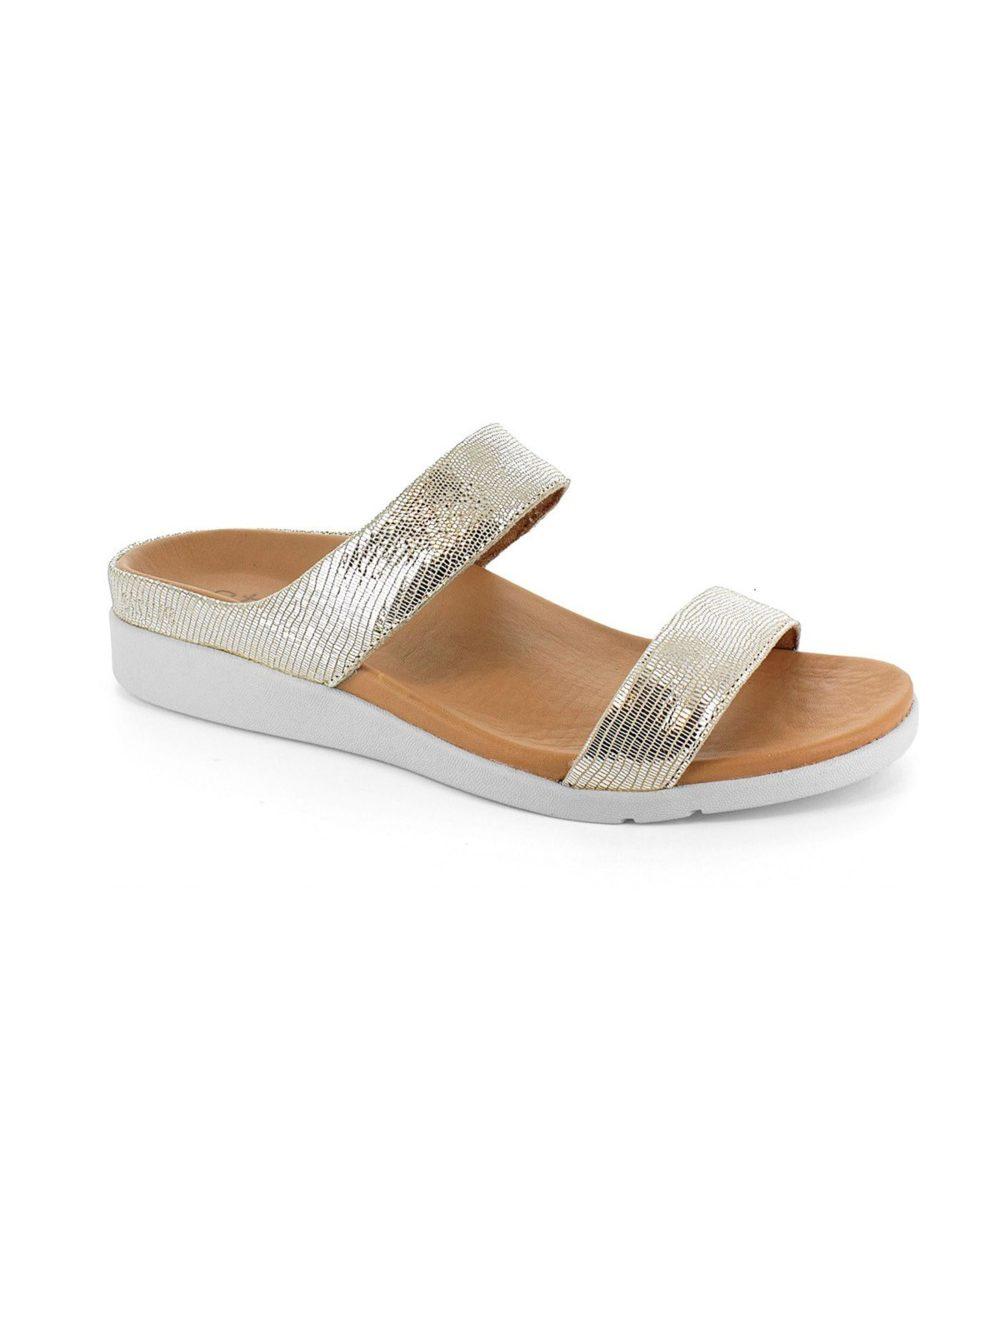 Faro Sandal Strive Footwear Katie Kerr Women's Clothing